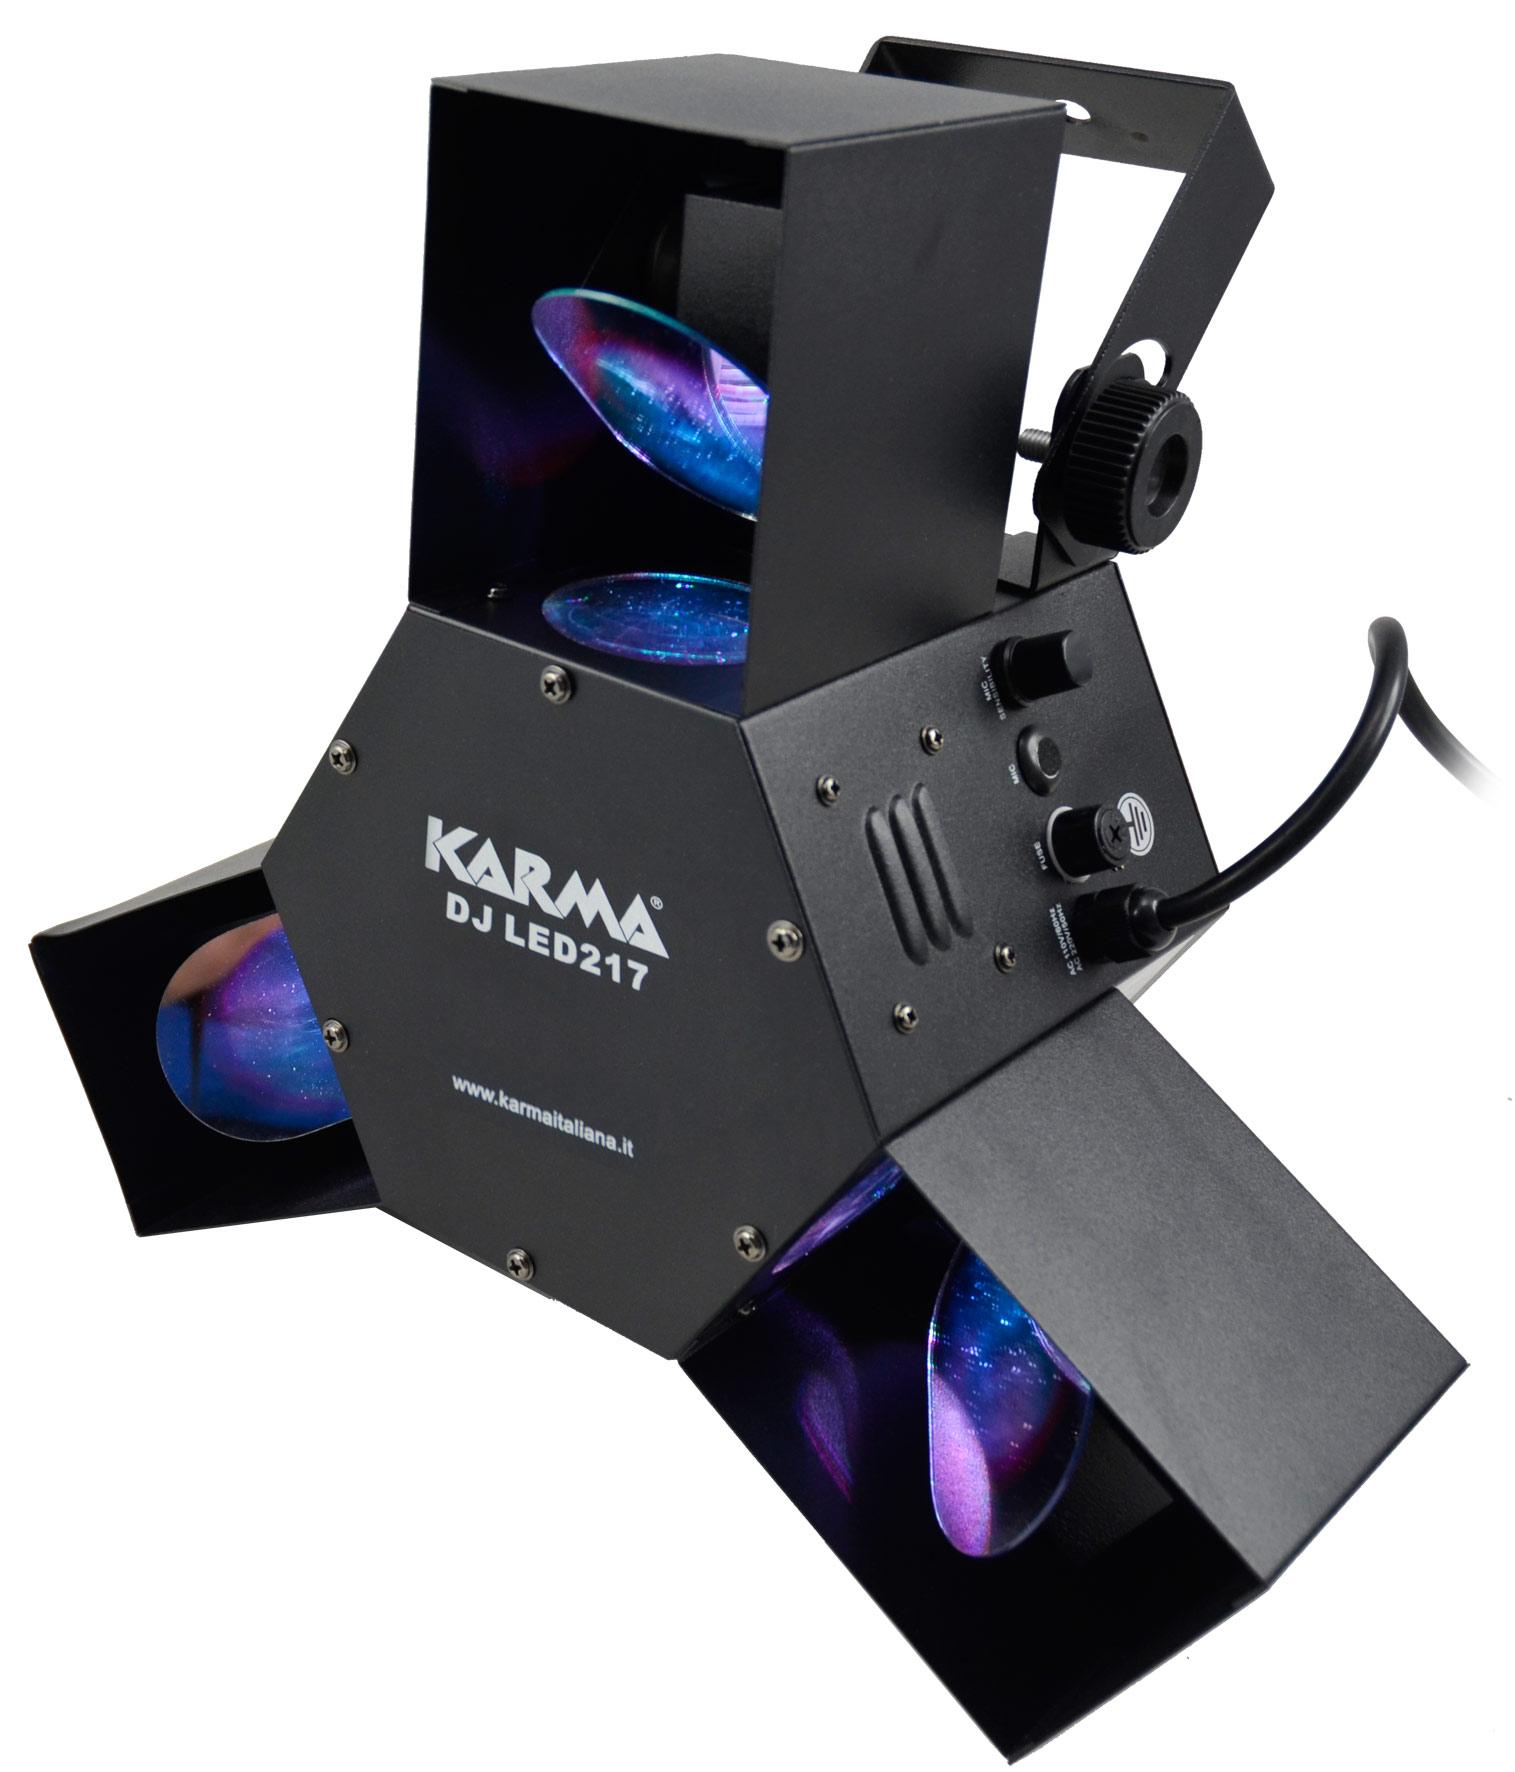 Luci sistemi archivi bombardino music strumenti musicali a oria br - Specchi riflessi karaoke ...